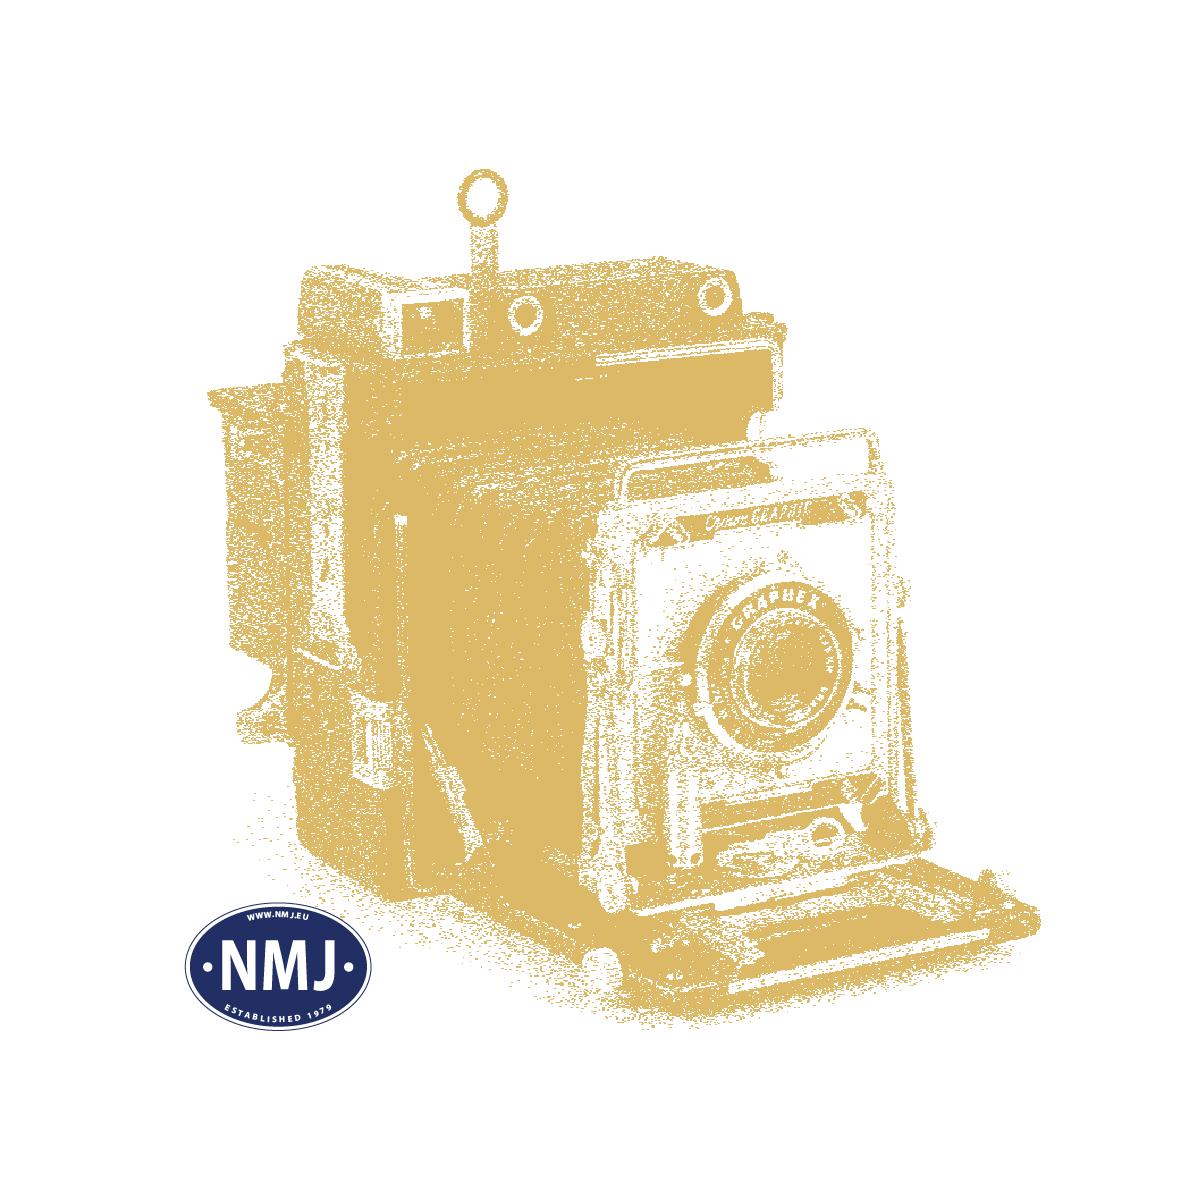 NMJS L4 50019 - NMJ Superline NSB L4 50019, *NMJ 40 ÅR*